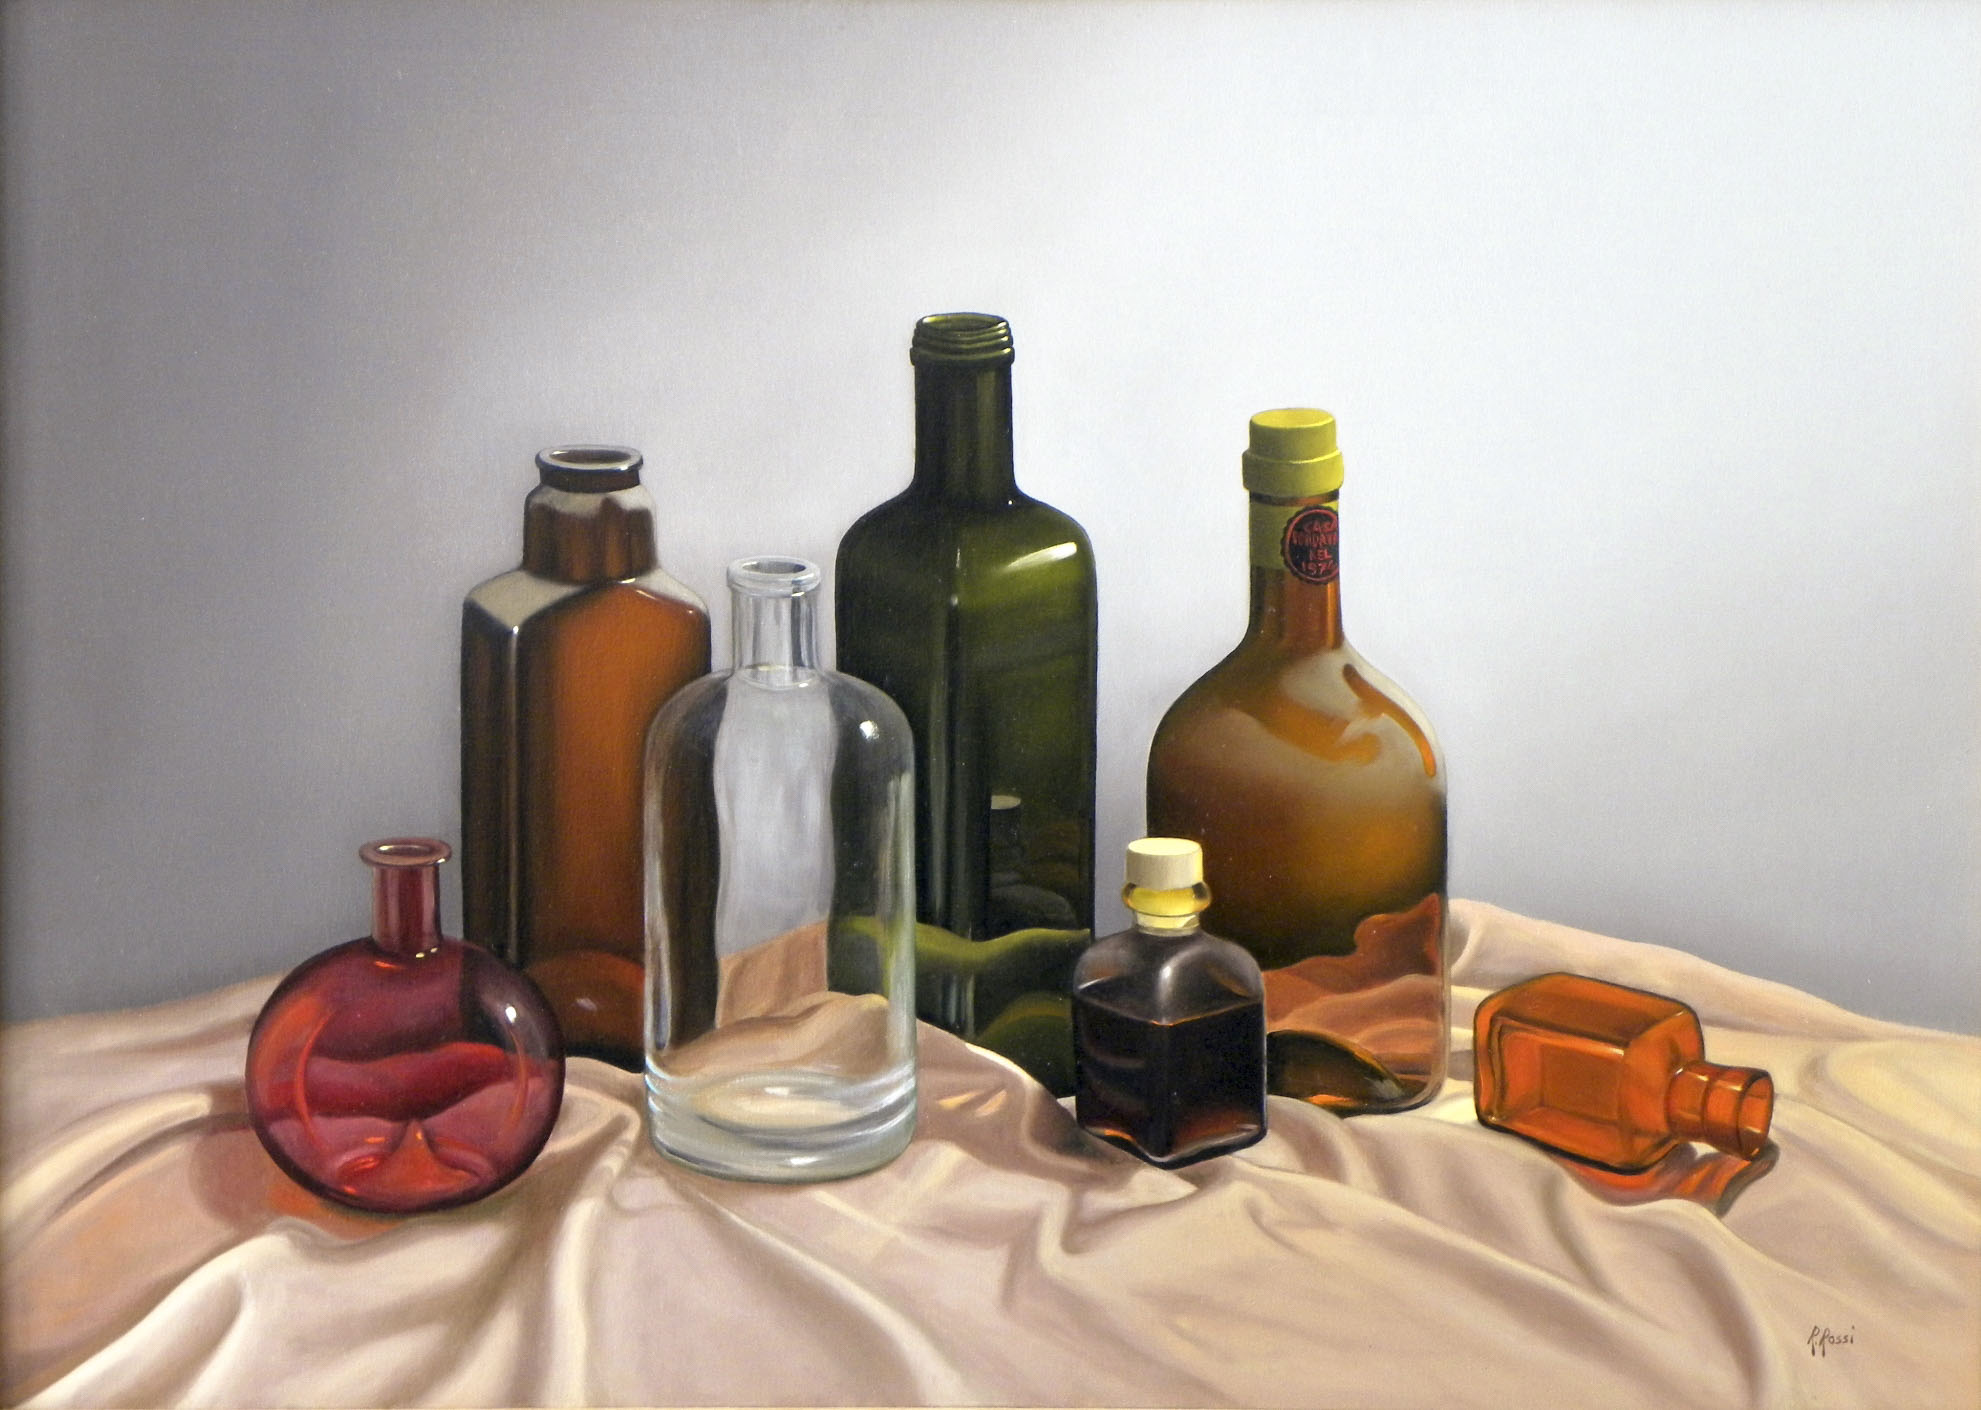 2011 roberta rossi - il coro - olio su tela - 50 x 70